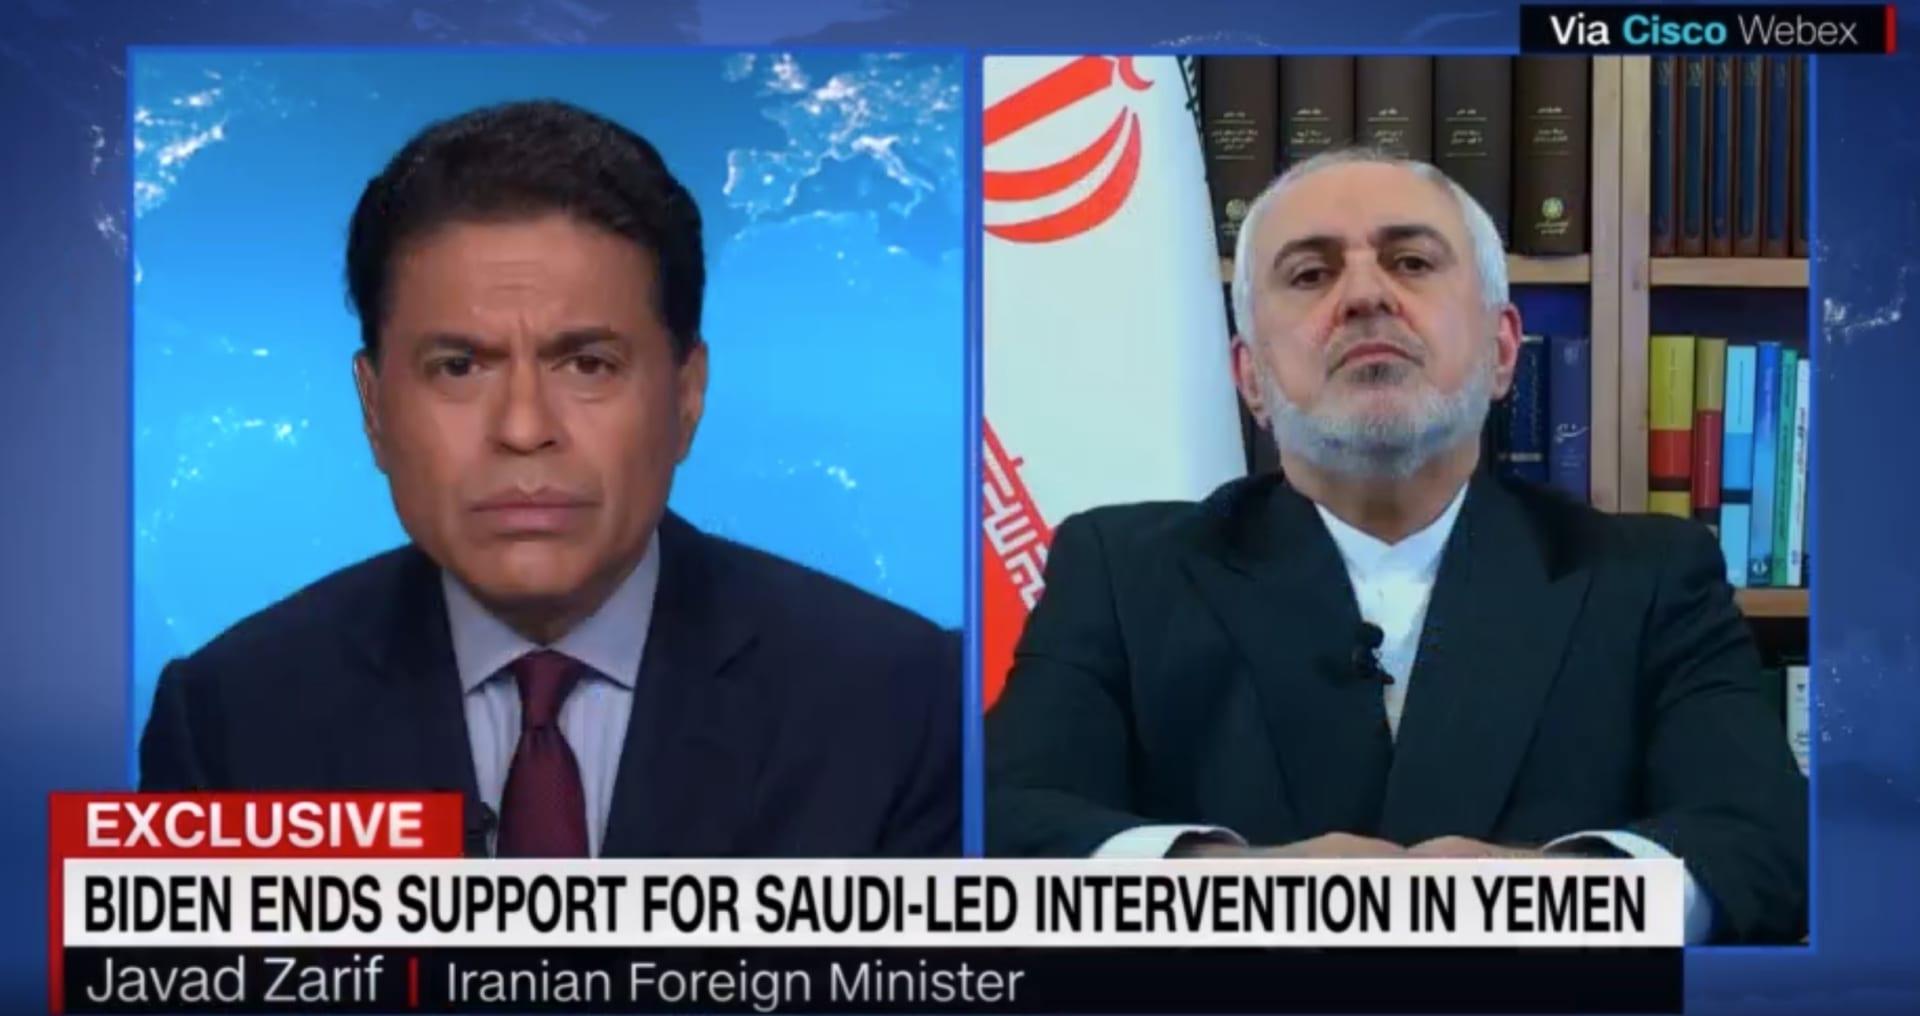 """وزير خارجية إيران: الولايات المتحدة بحاجة لإظهار """"الحب القاسي"""" للسعودية في اليمن"""